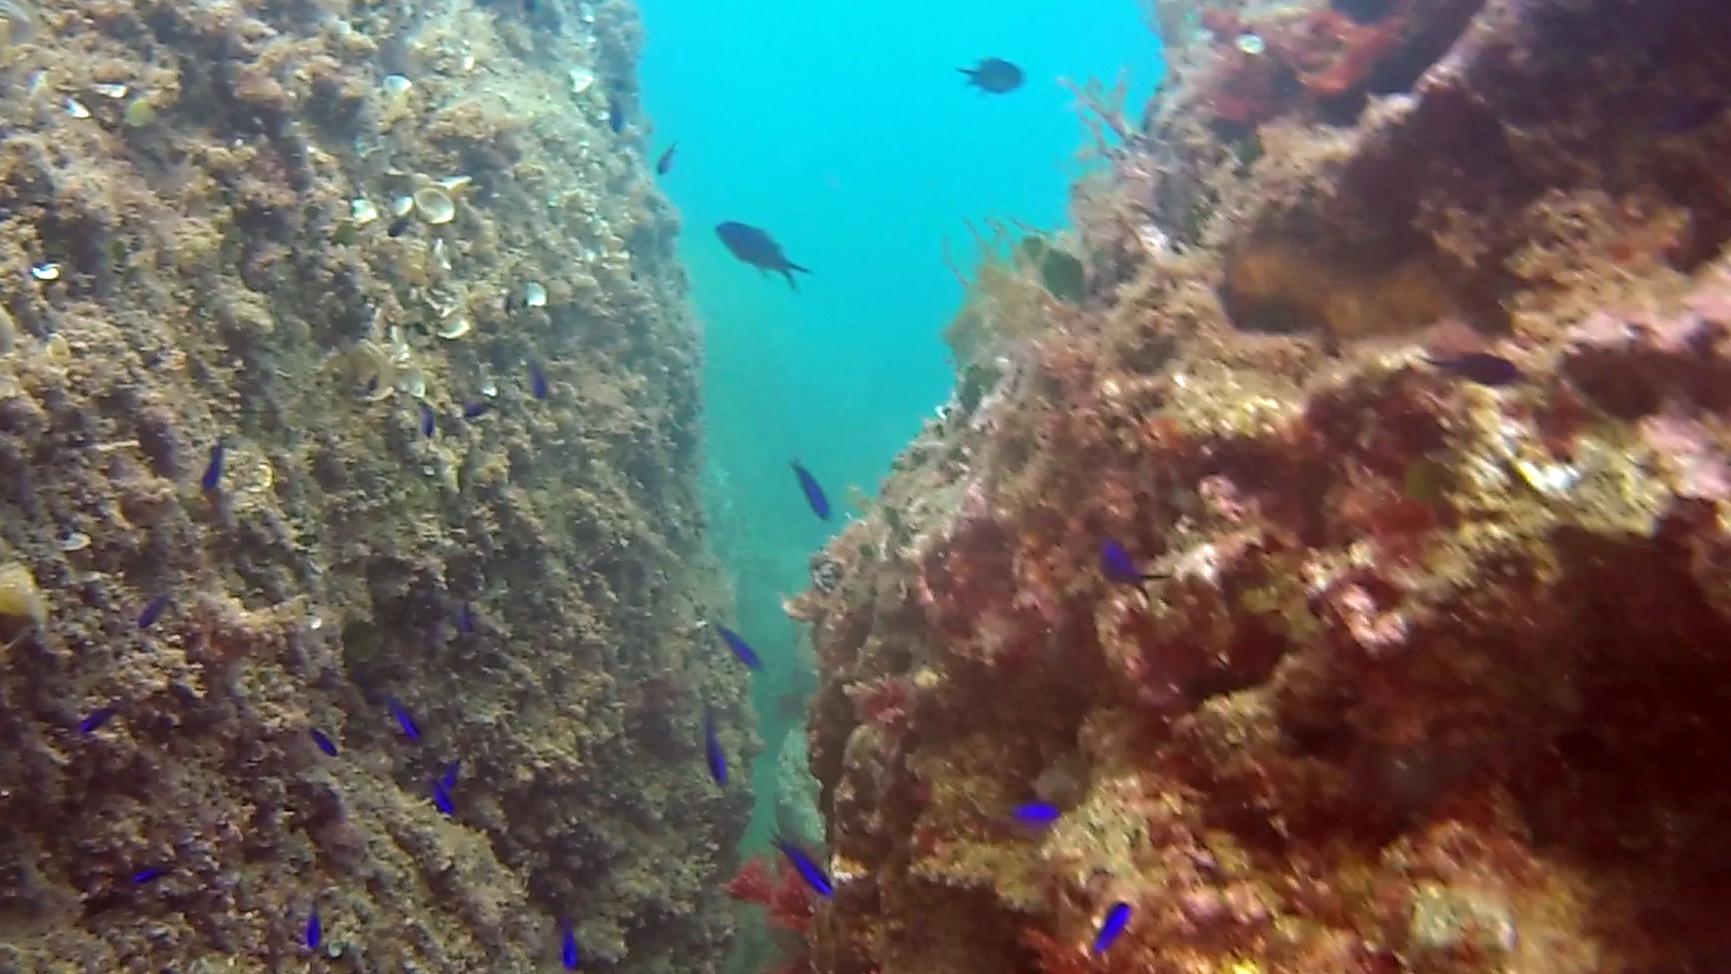 Pesci Blu Blue Fish - intotheblue.it